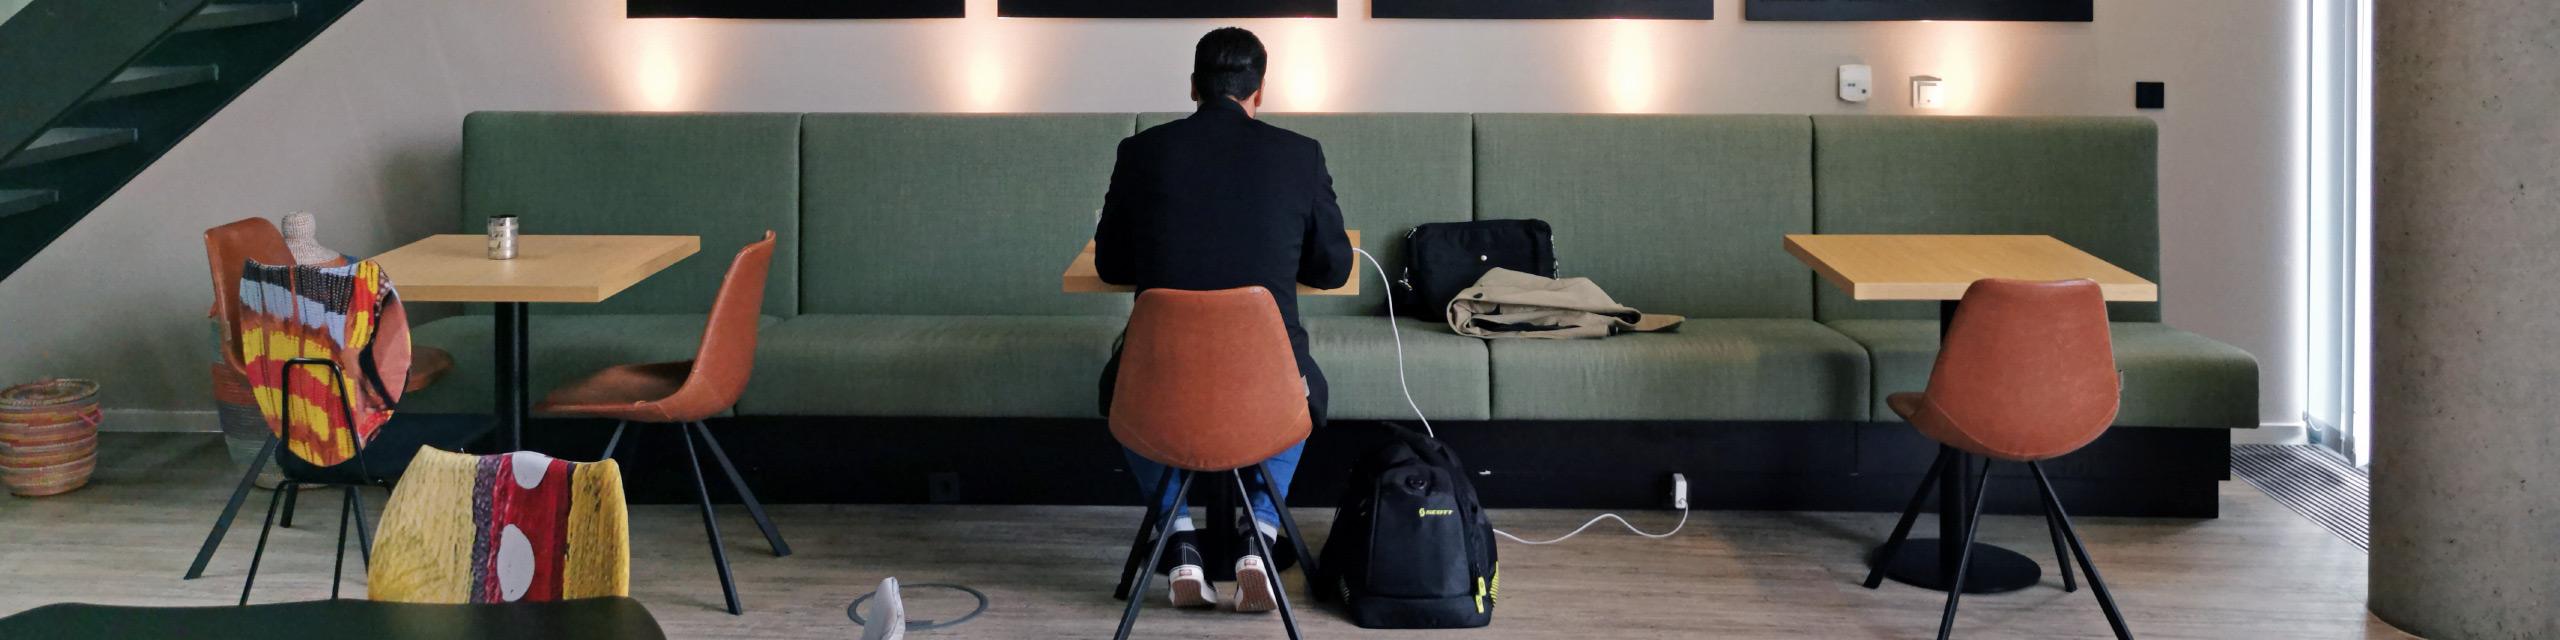 Tribes Coworking - Open Space - Büroflächen Frankfurt mieten